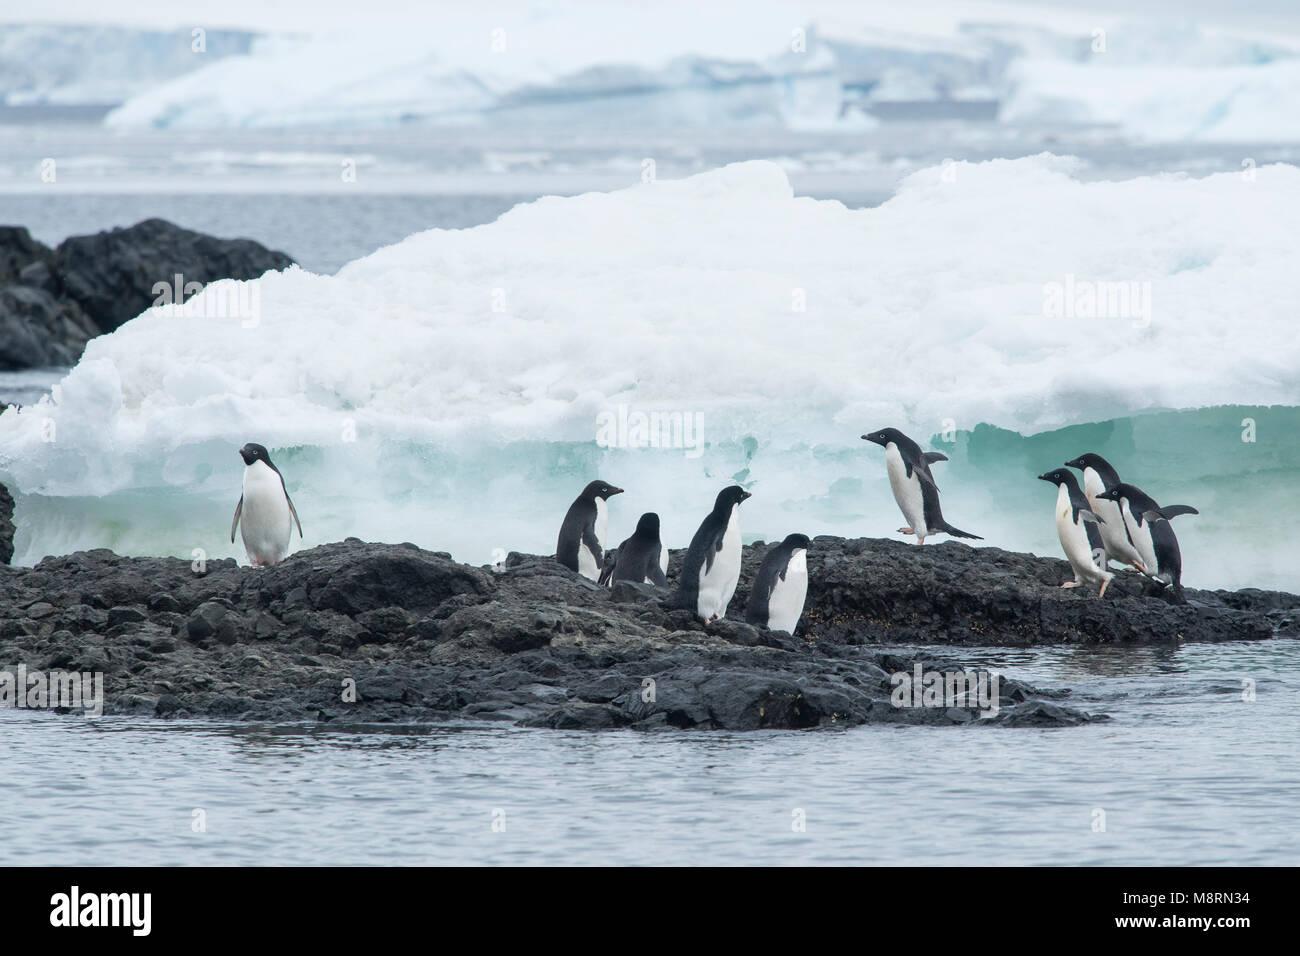 Eine Gruppe von Adelie Pinguine Spaziergang entlang der Ice an der Brown Bluff, Antarktis. Stockfoto